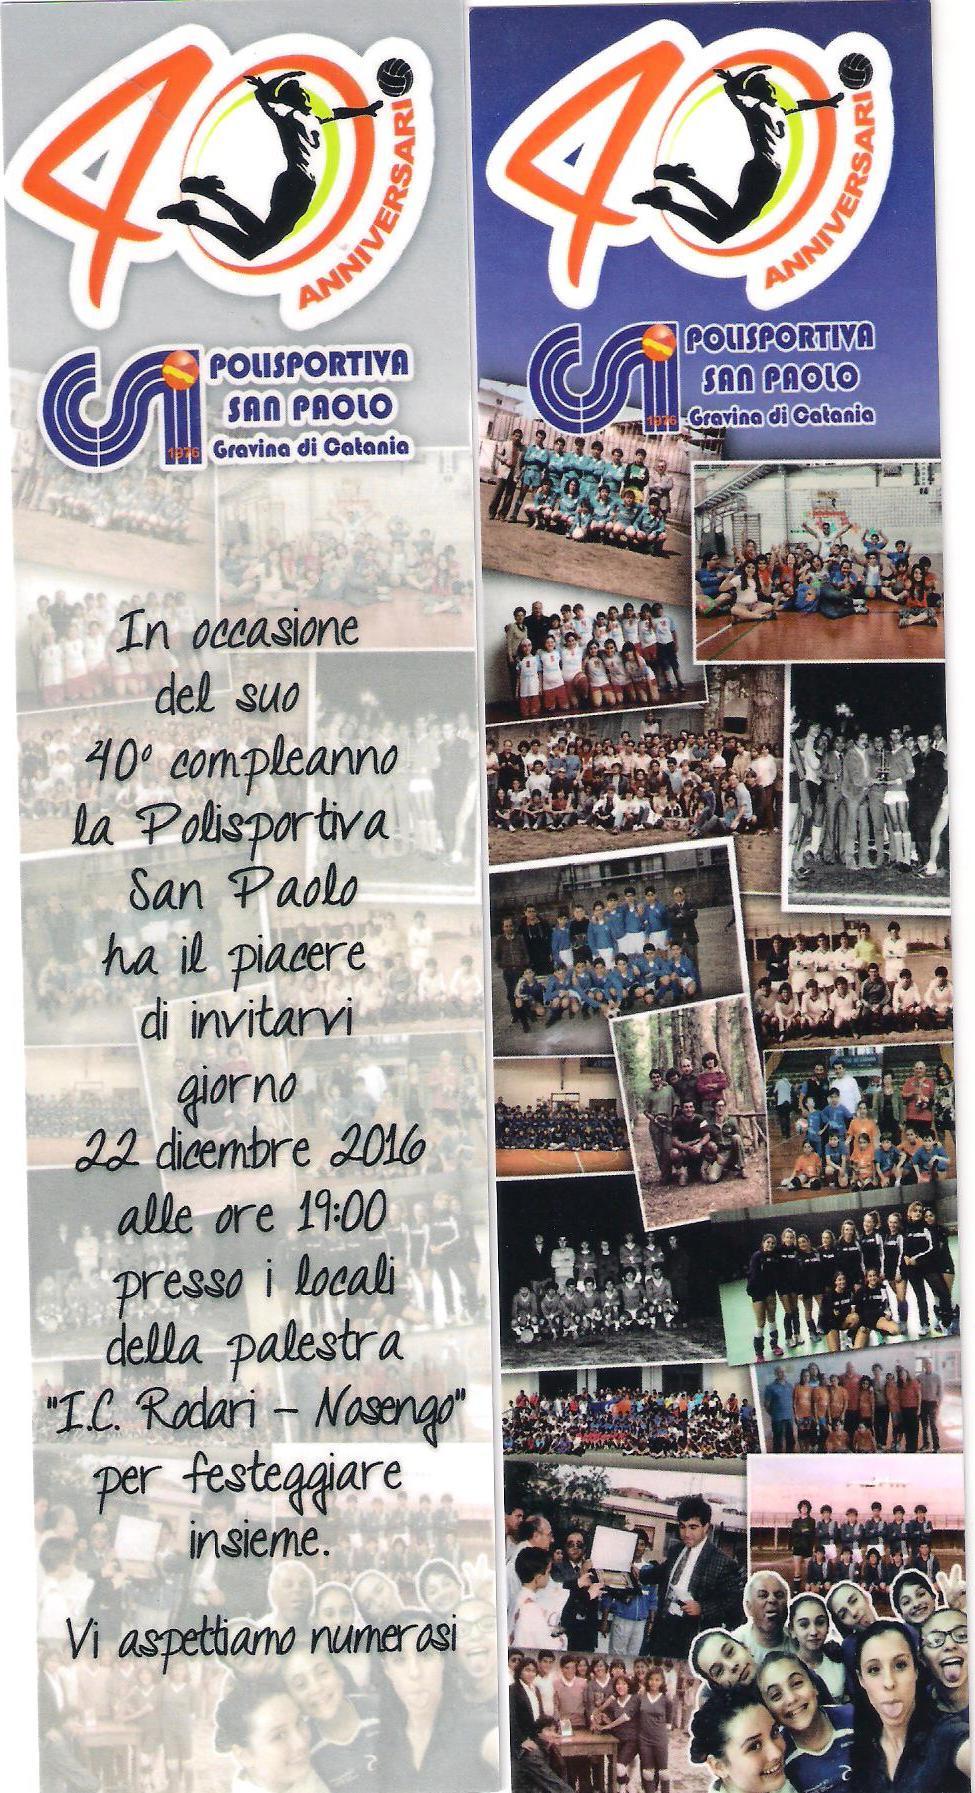 invito-40-anni-polisportiva-001